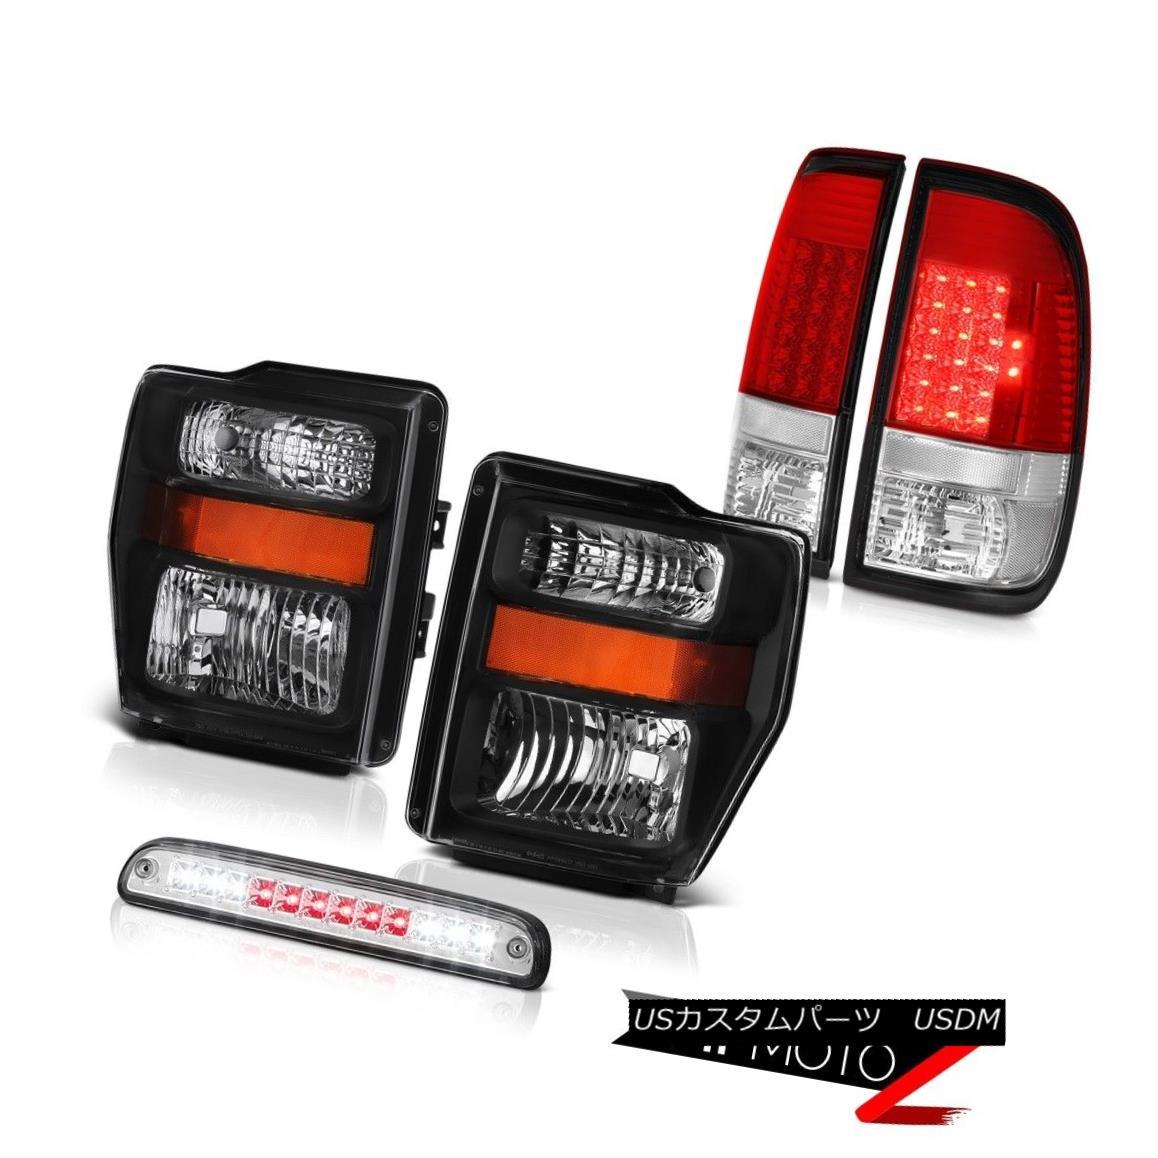 テールライト 08 09 10 F350 6.8L Black Headlights Bright L.E.D Taillamps Roof Stop Clear 3rd 08 09 10 F350 6.8LブラックヘッドライトブライトL.E.Dタイルランプルーフストップクリア3rd